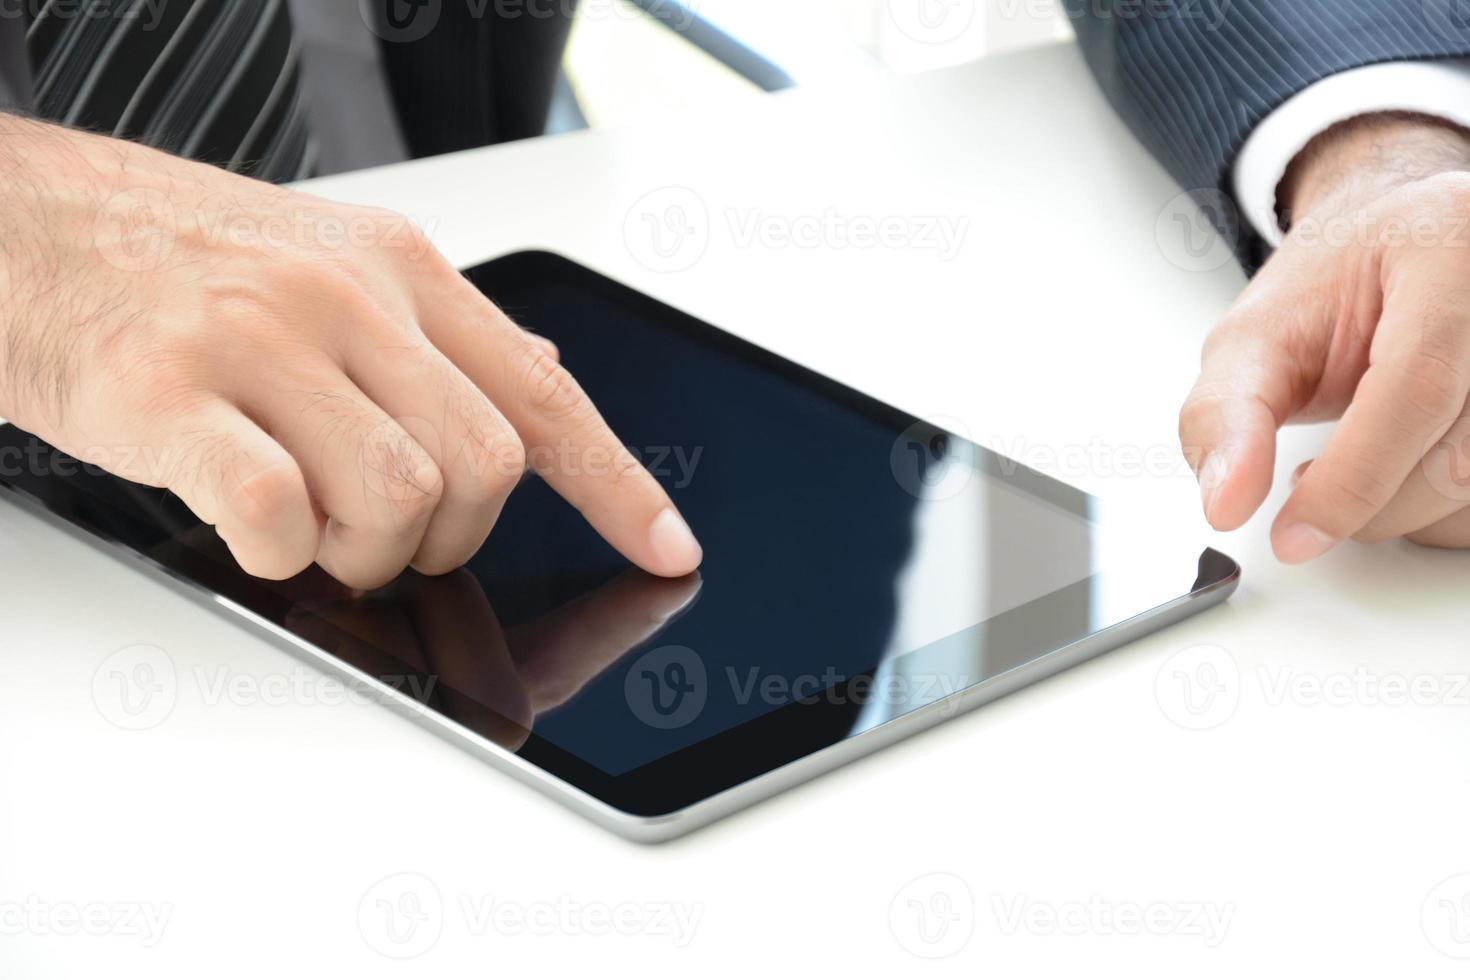 affärsman hand röra Tablet PC-skärmen på bordet foto